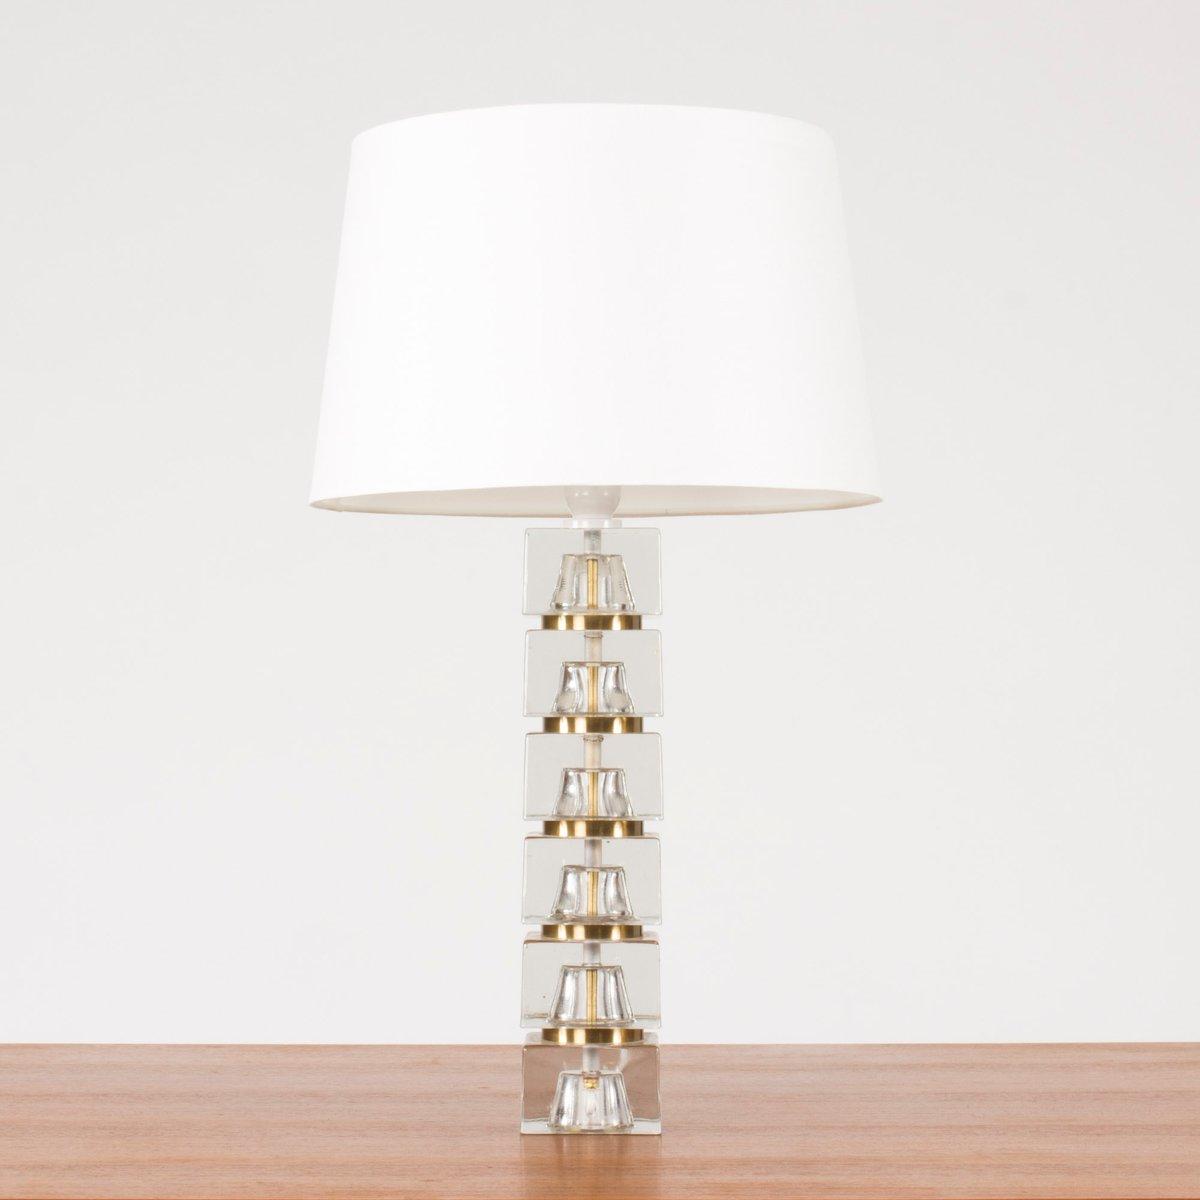 schwedische tischlampe mit glasfu 1960er bei pamono kaufen. Black Bedroom Furniture Sets. Home Design Ideas